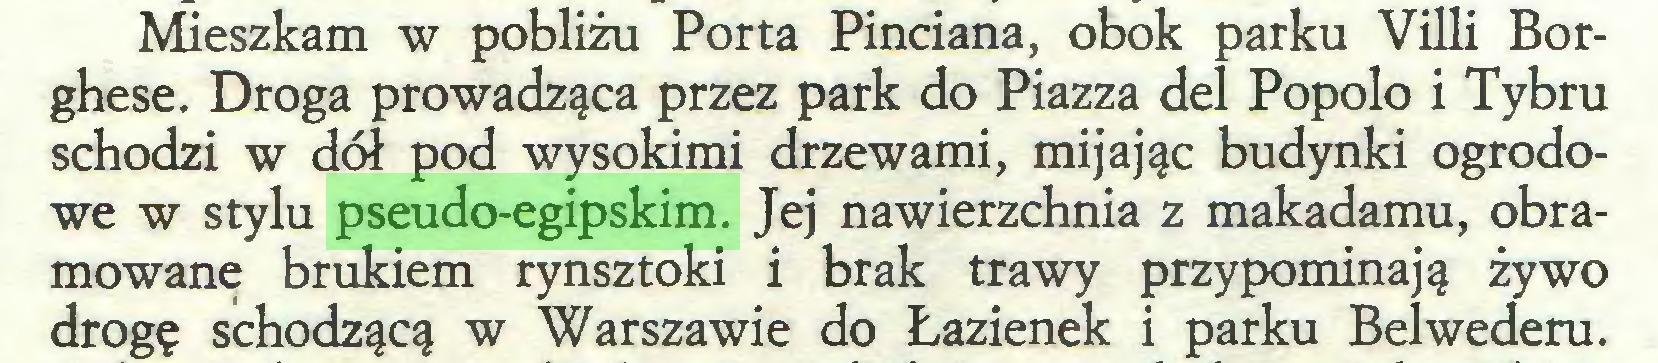 (...) Mieszkam w pobliżu Porta Pinciana, obok parku Villi Borghese. Droga prowadząca przez park do Piazza del Popolo i Tybru schodzi w dół pod wysokimi drzewami, mijając budynki ogrodowe w stylu pseudo-egipskim. Jej nawierzchnia z makadamu, obramowane brukiem rynsztoki i brak trawy przypominają żywo drogę schodzącą w Warszawie do Łazienek i parku Belwederu...